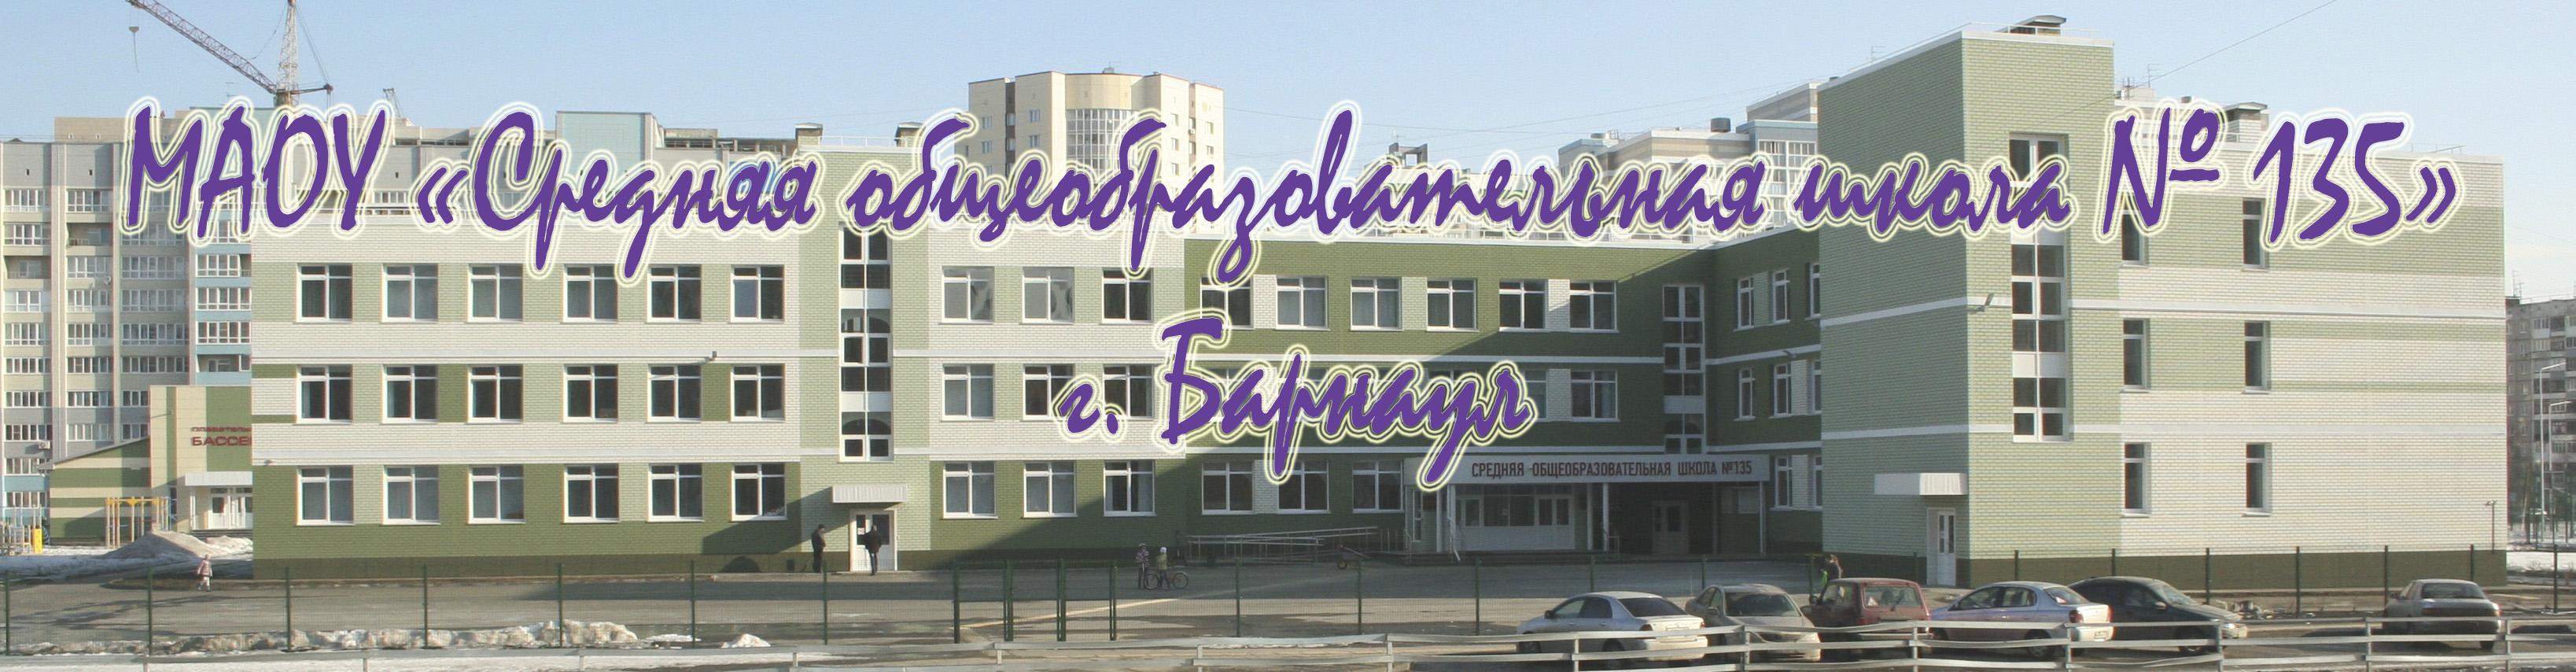 МАОУ «СОШ №135» г. Барнаула